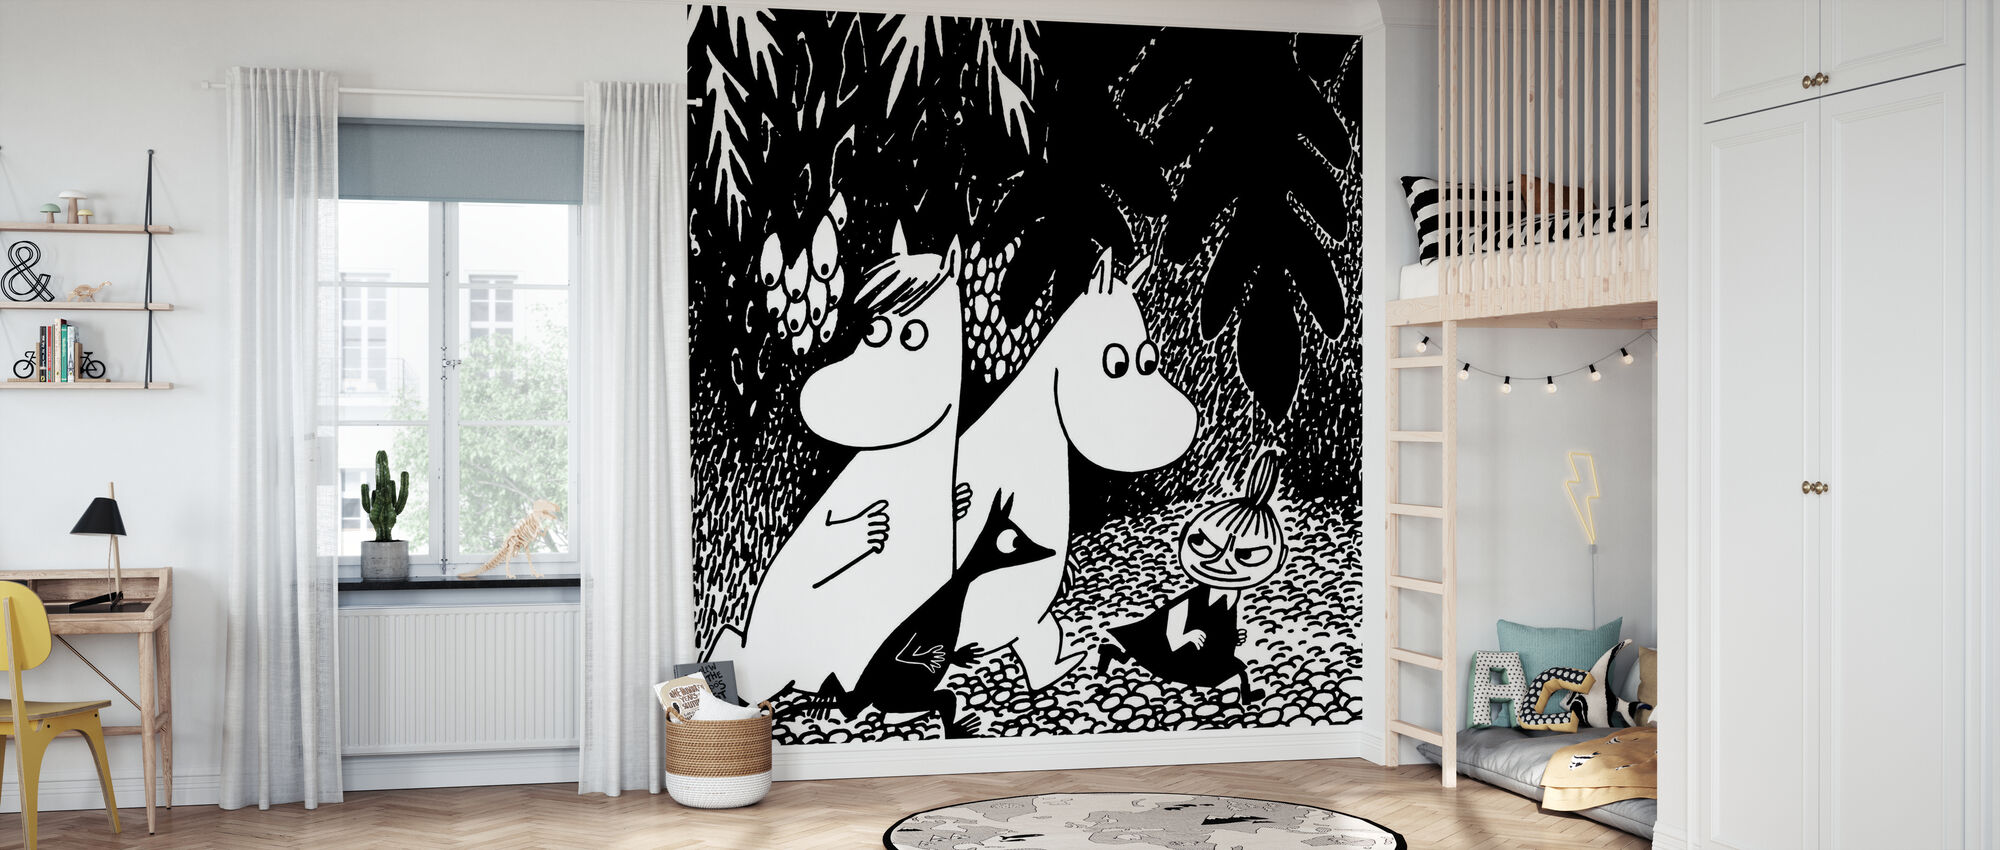 Moomin - zelfs donkerder - Behang - Kinderkamer